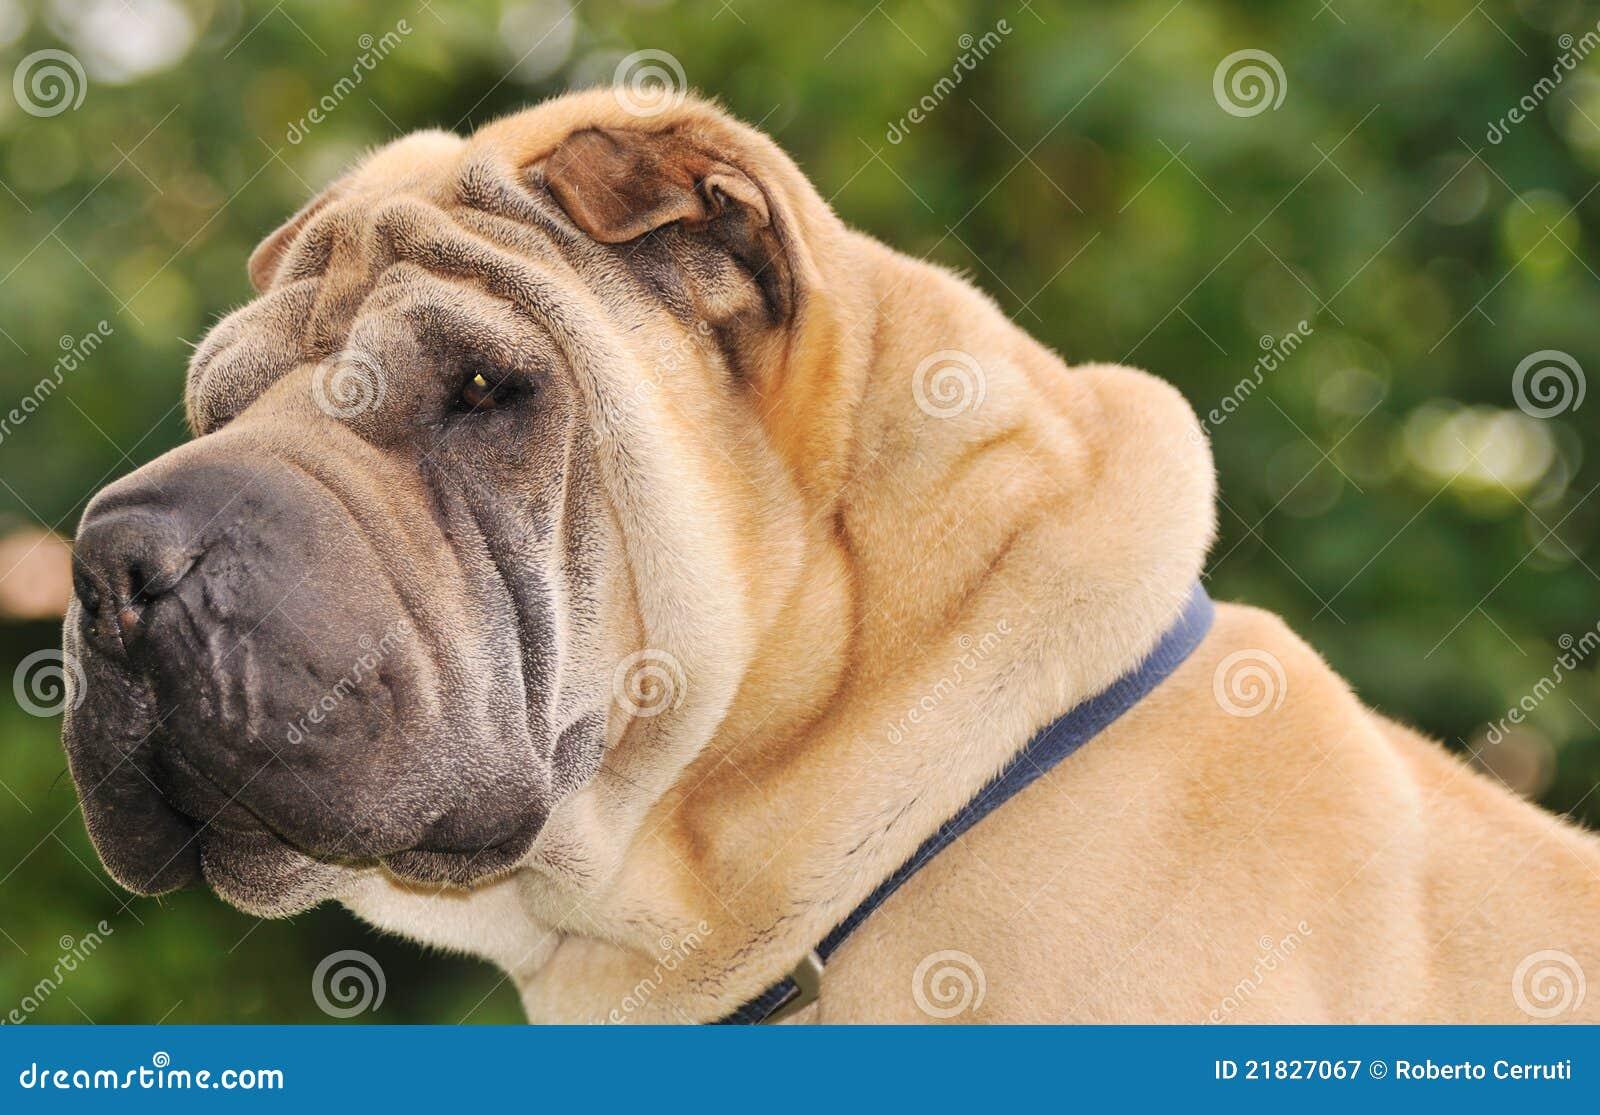 rimpel hond